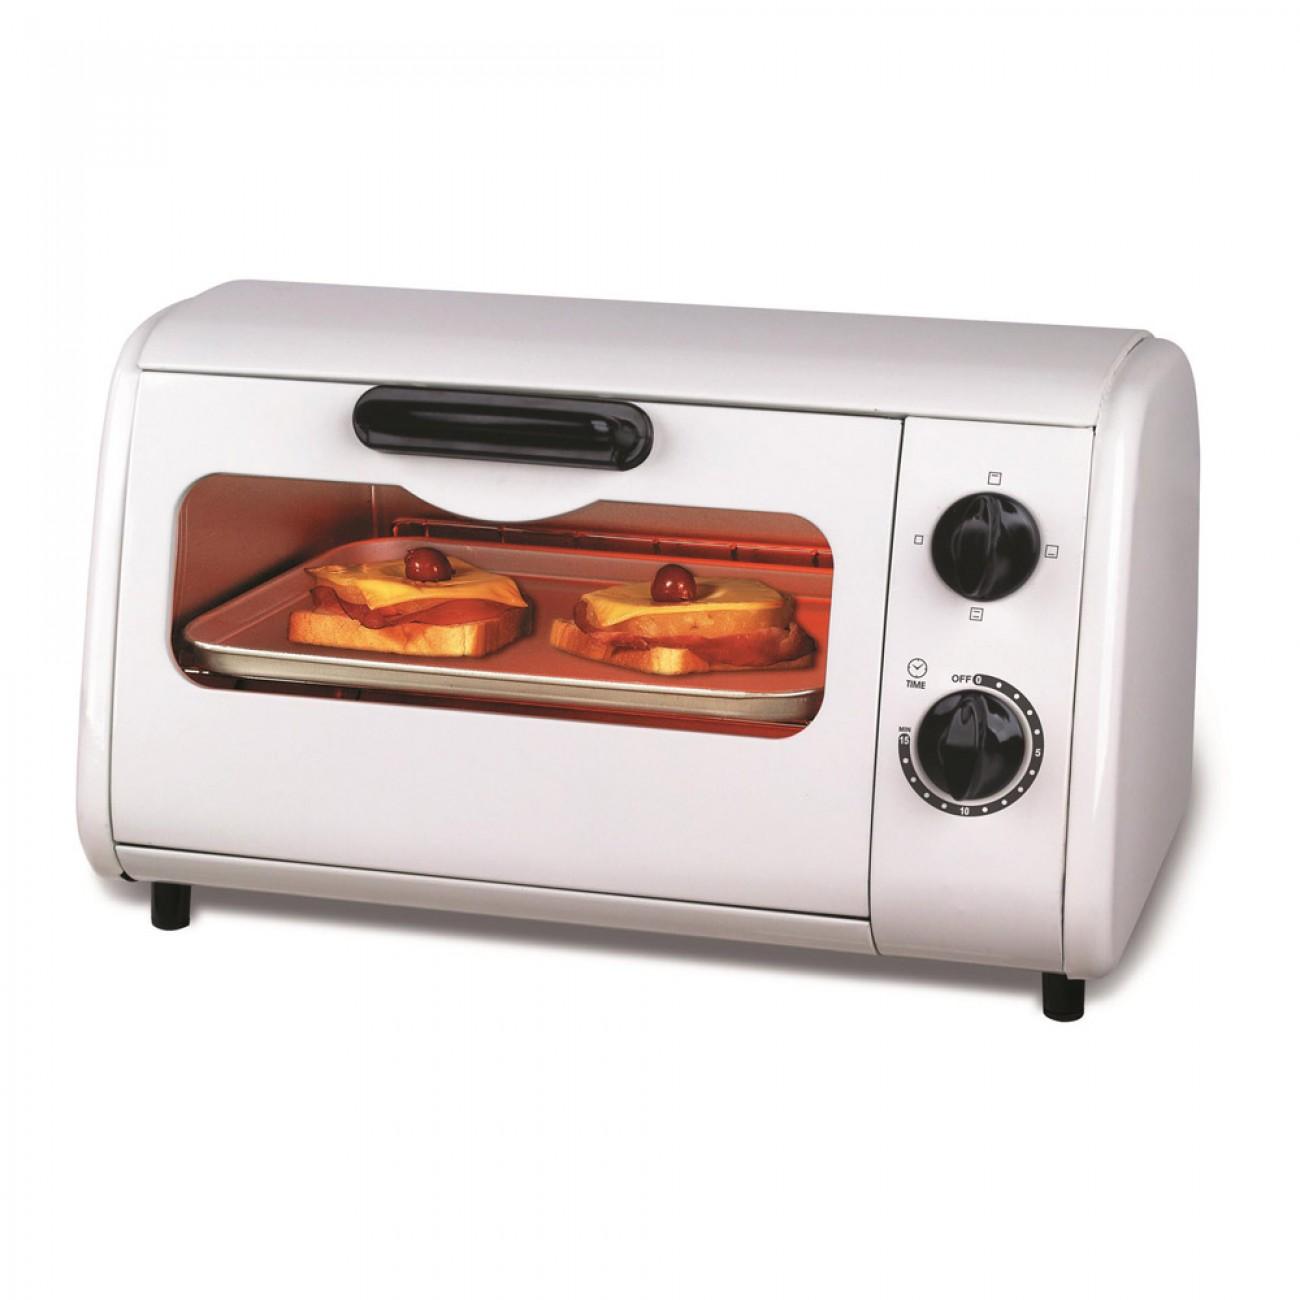 Тостер за сандвичи - фурна SAPIR SP 1441 P, 600W, 9 литра, Таймер, Тавичка, Бял в Електрически фурни - SAPIR | Alleop